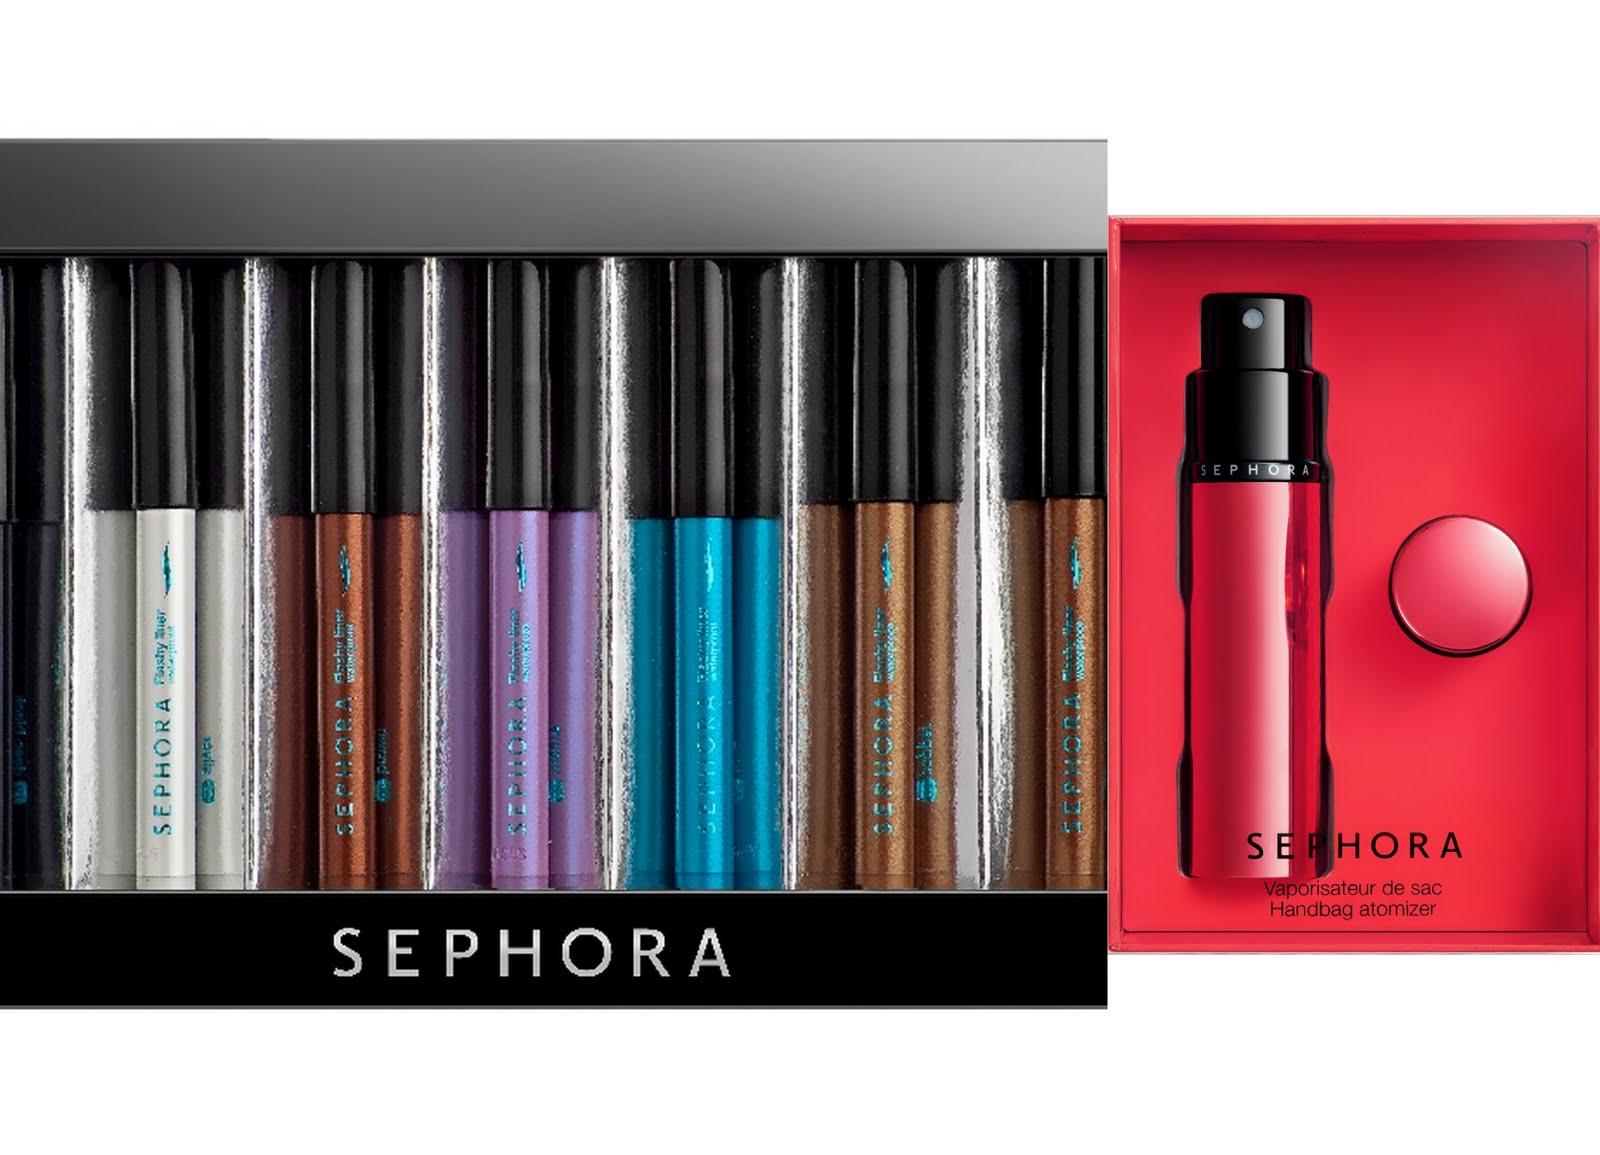 Sephora'dan 200 TL'lik alışverişe plaj çantası HEDİYE